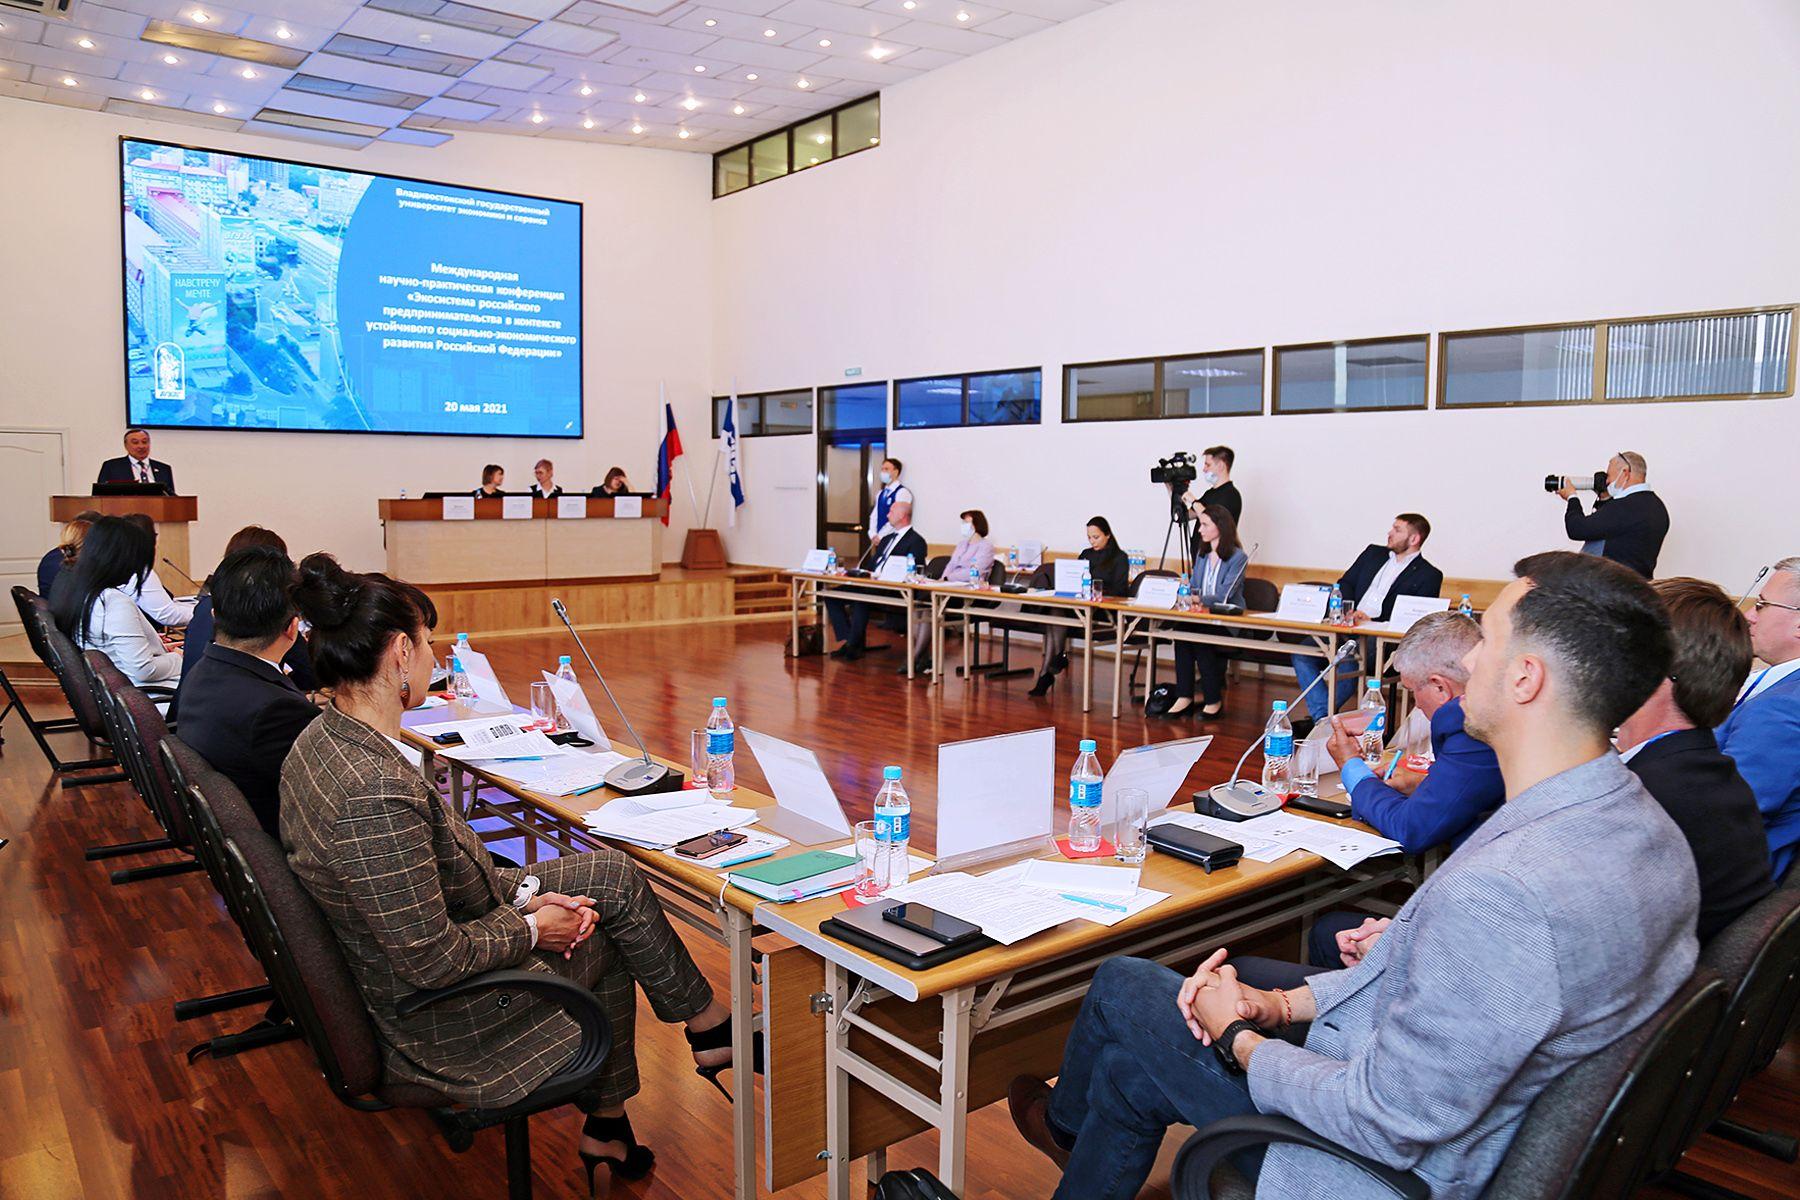 Закономерный этап эволюции: во ВГУЭС обсудили экосистему российского предпринимательства